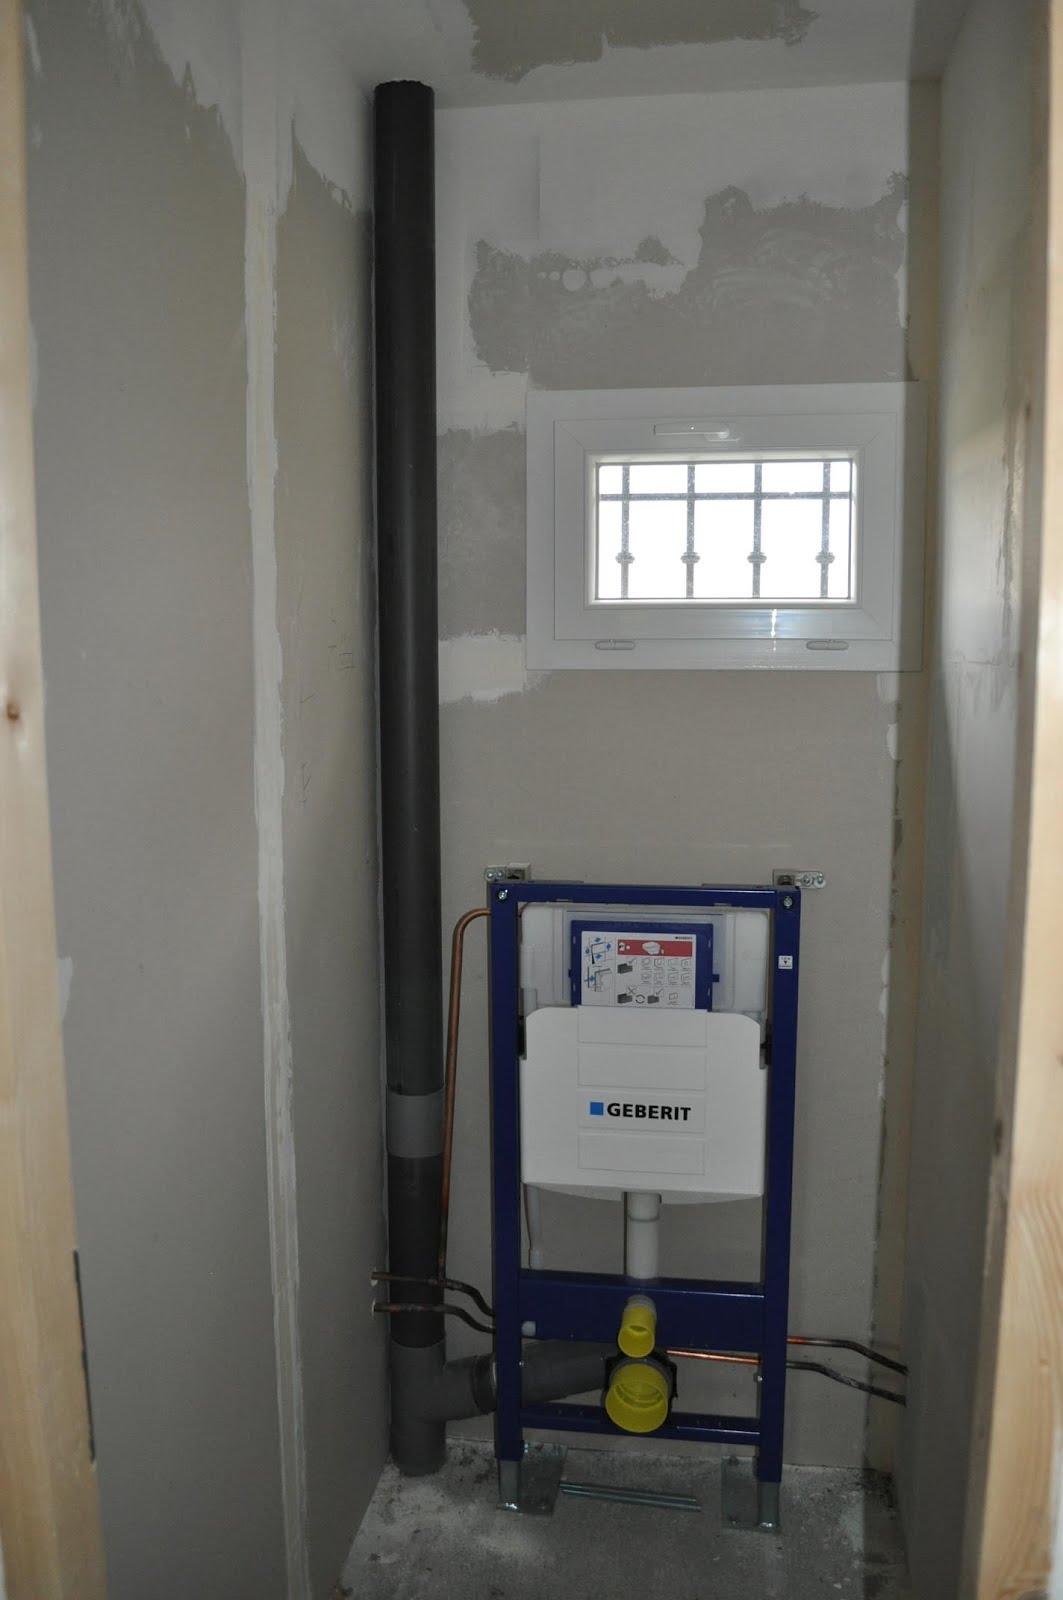 R alisation du g te des fraux d ventilation primaire - Ventilation primaire wc ...